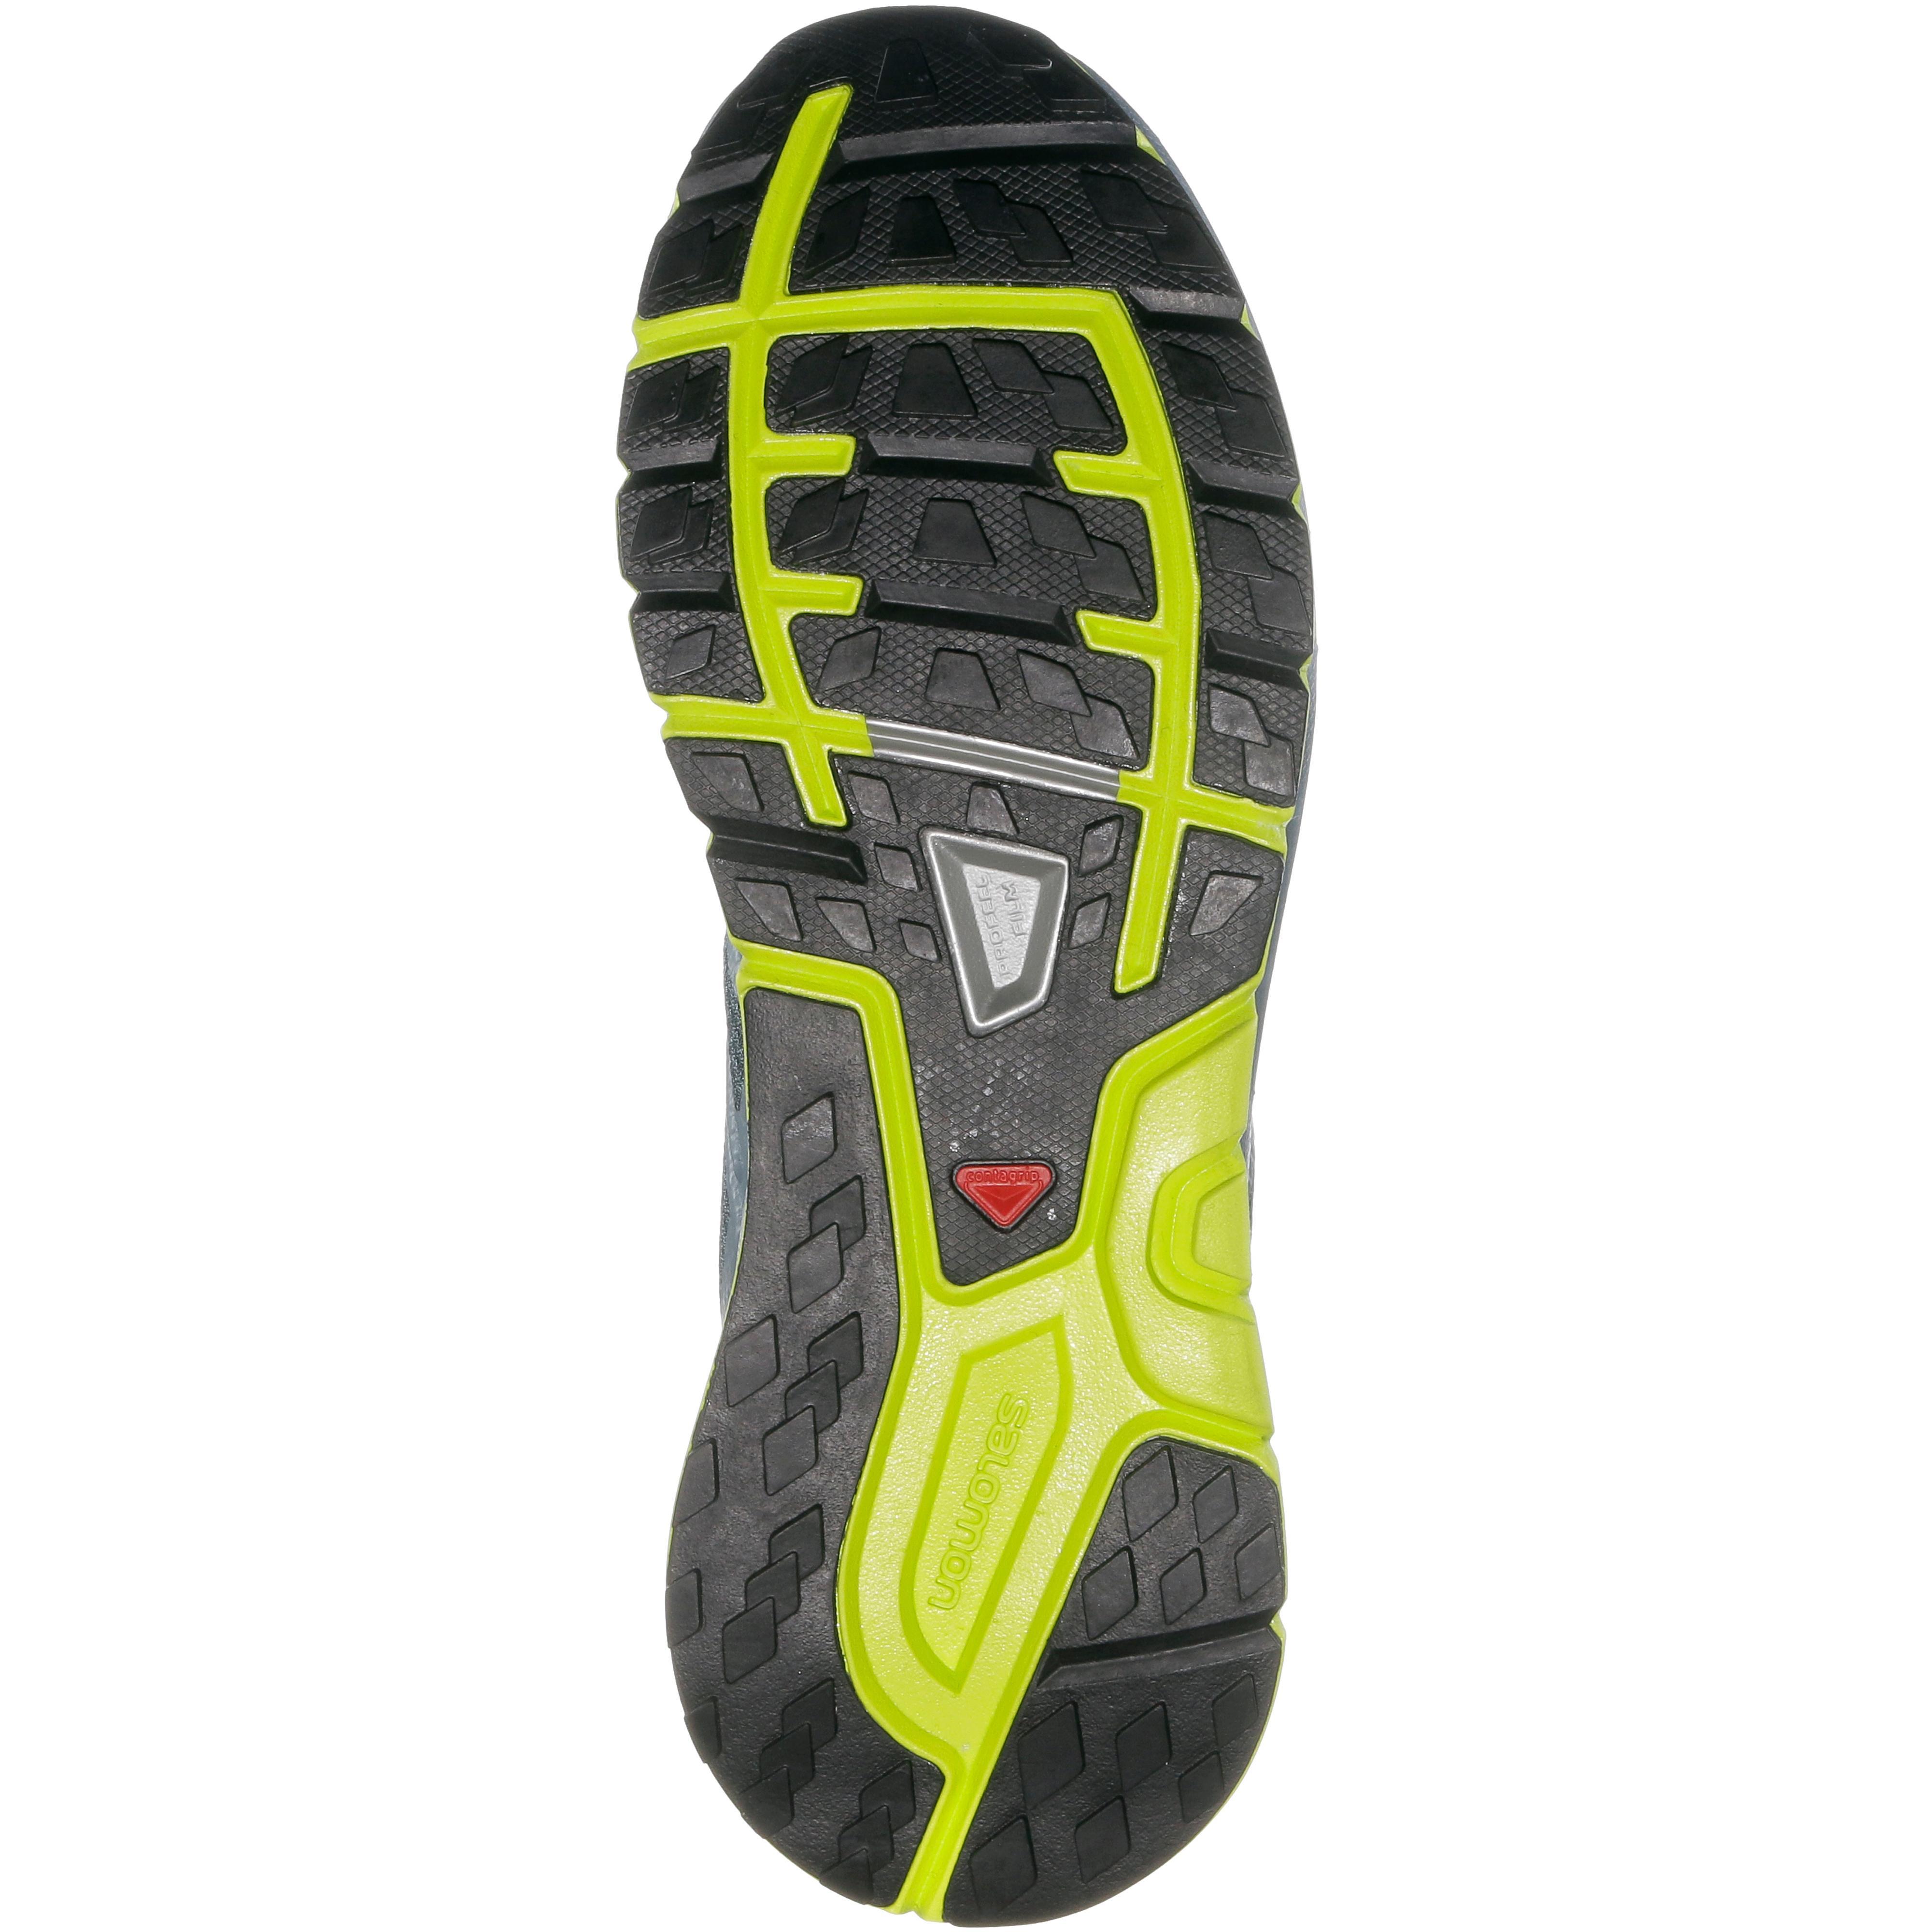 Salomon SENSE SENSE SENSE PRO MAX Laufschuhe Herren stormy-weather-acid-lime-black im Online Shop von SportScheck kaufen Gute Qualität beliebte Schuhe e64dca